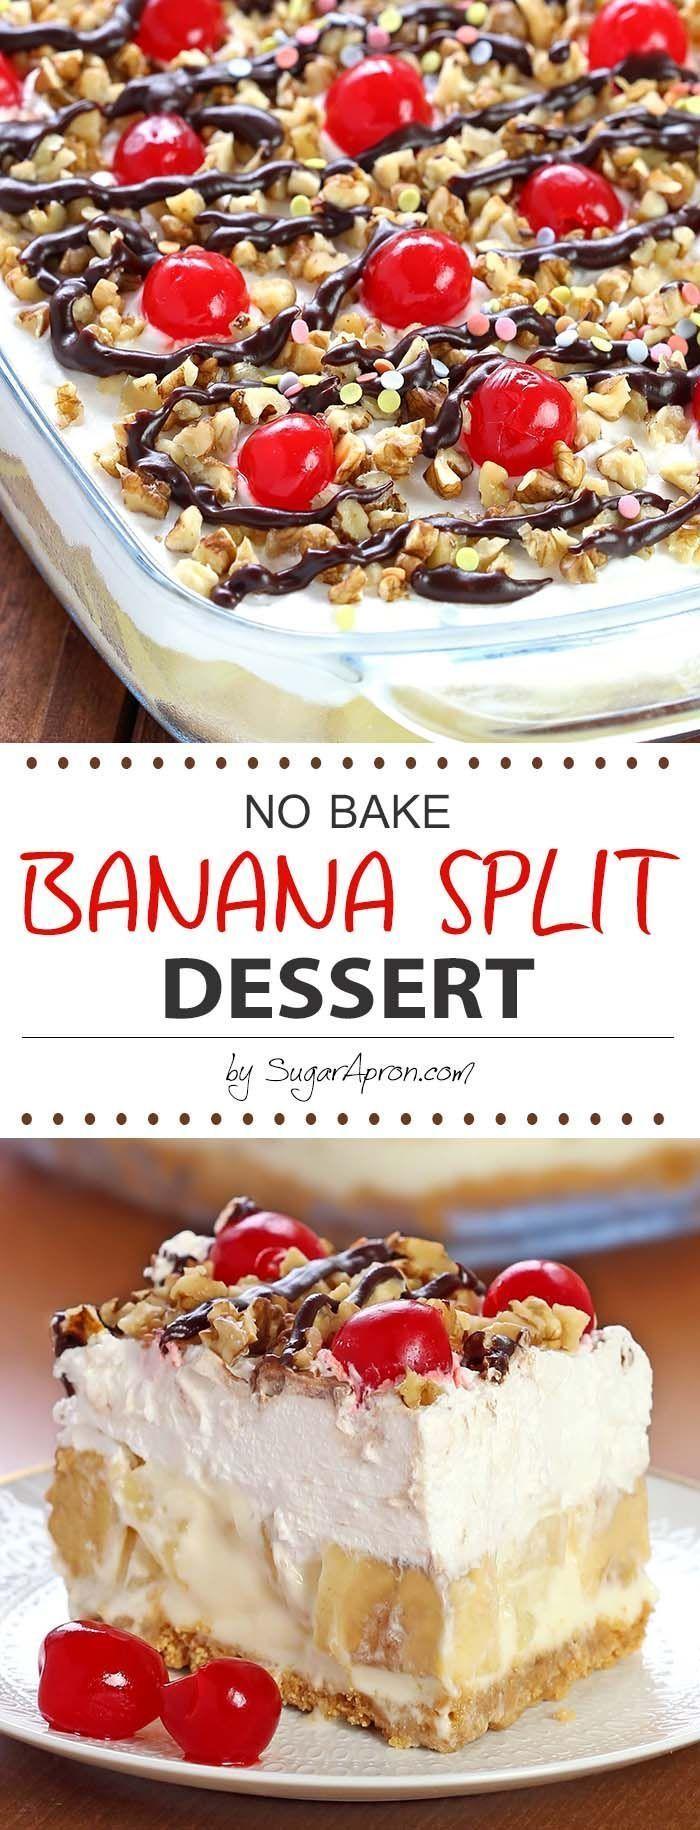 No Bake Banana Split Dessert - Zuckerschürze #enklaefterrätter